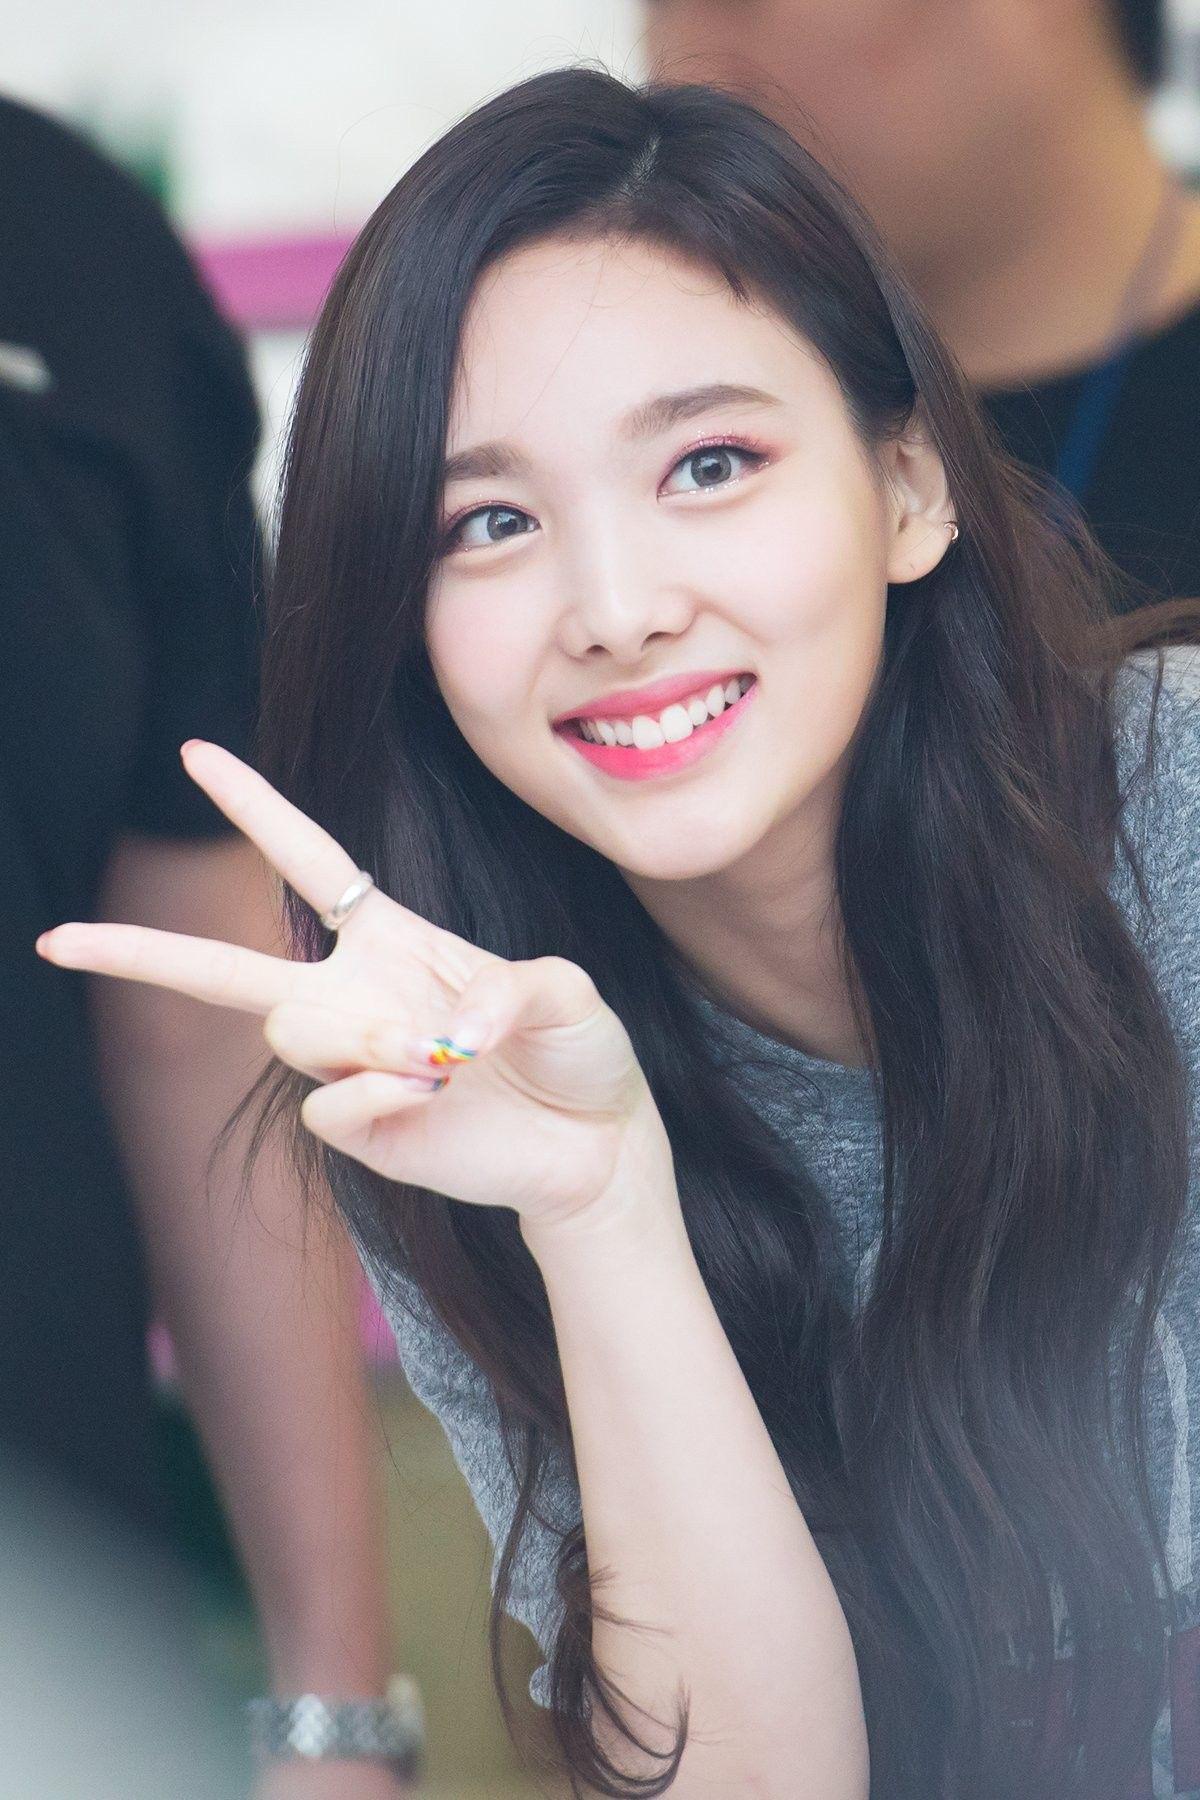 Top 30 idol nữ hot nhất Kpop: Jennie (BLACKPINK) lấn át nữ thần SM, hạng 4 và 5 bất ngờ nhưng Lisa còn khó hiểu hơn - Ảnh 8.